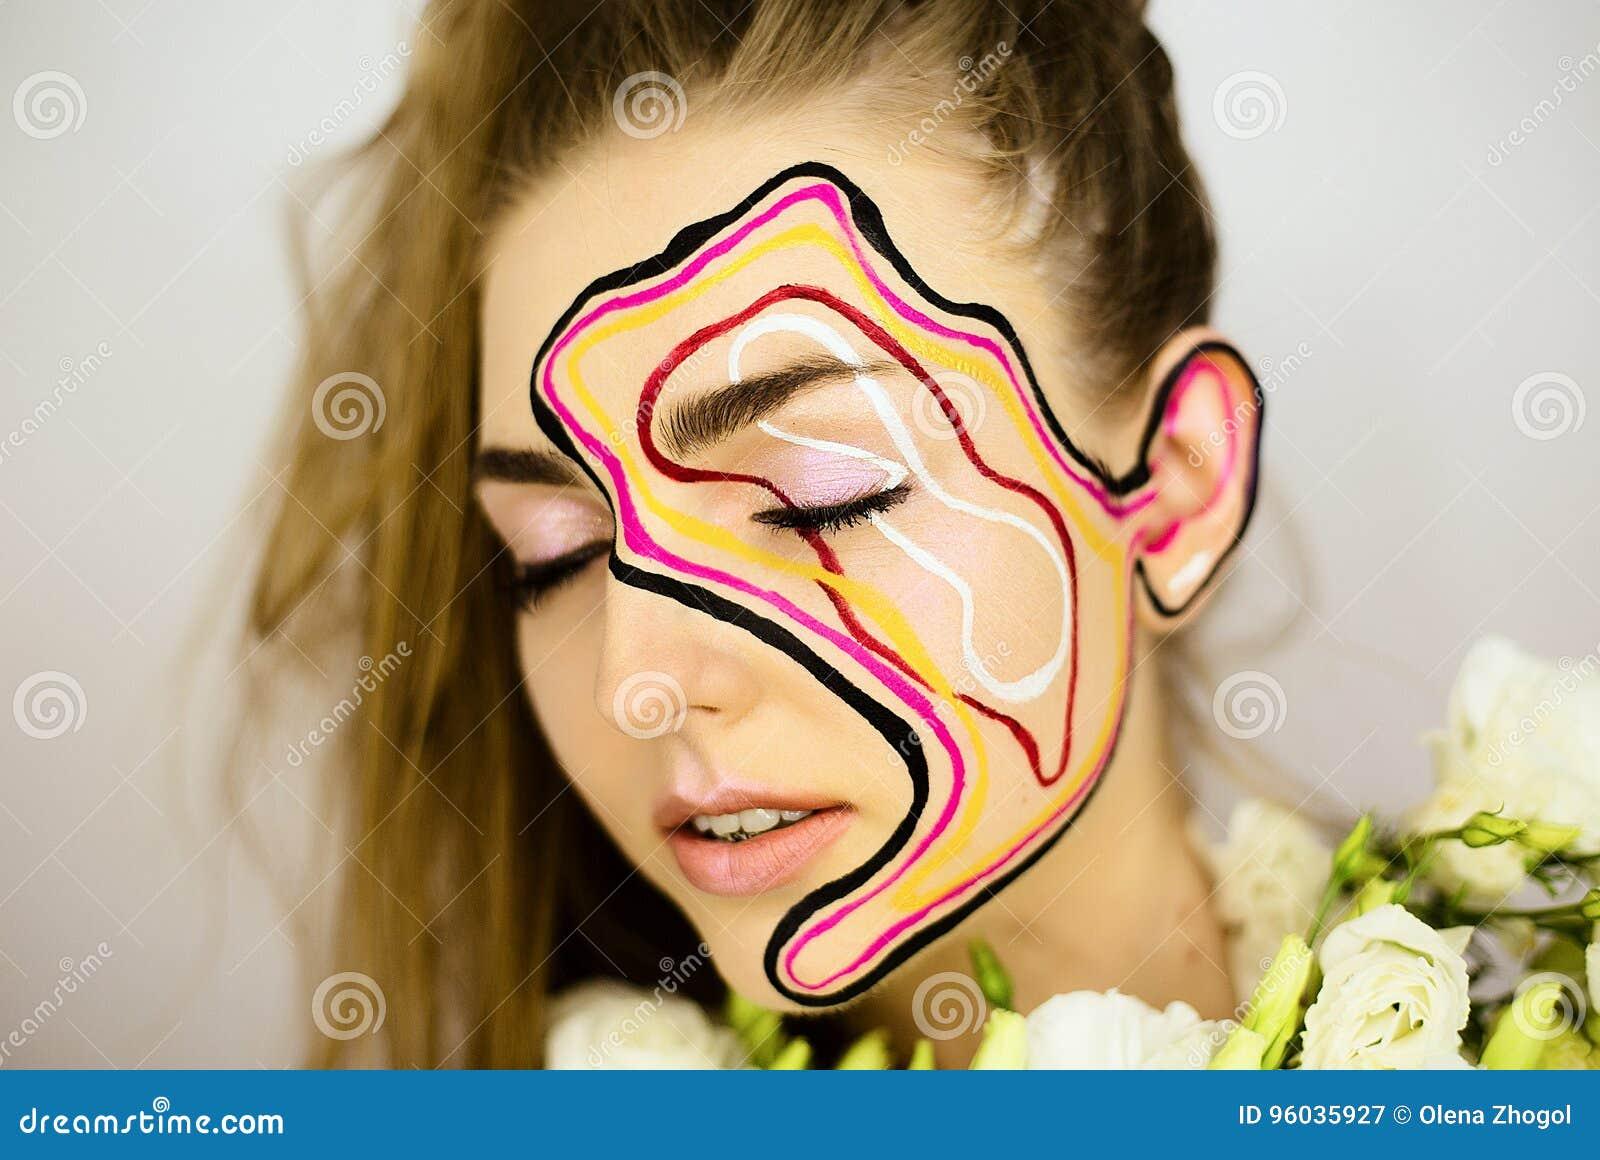 Portret piękna dziewczyna z kreatywnie uzupełniał